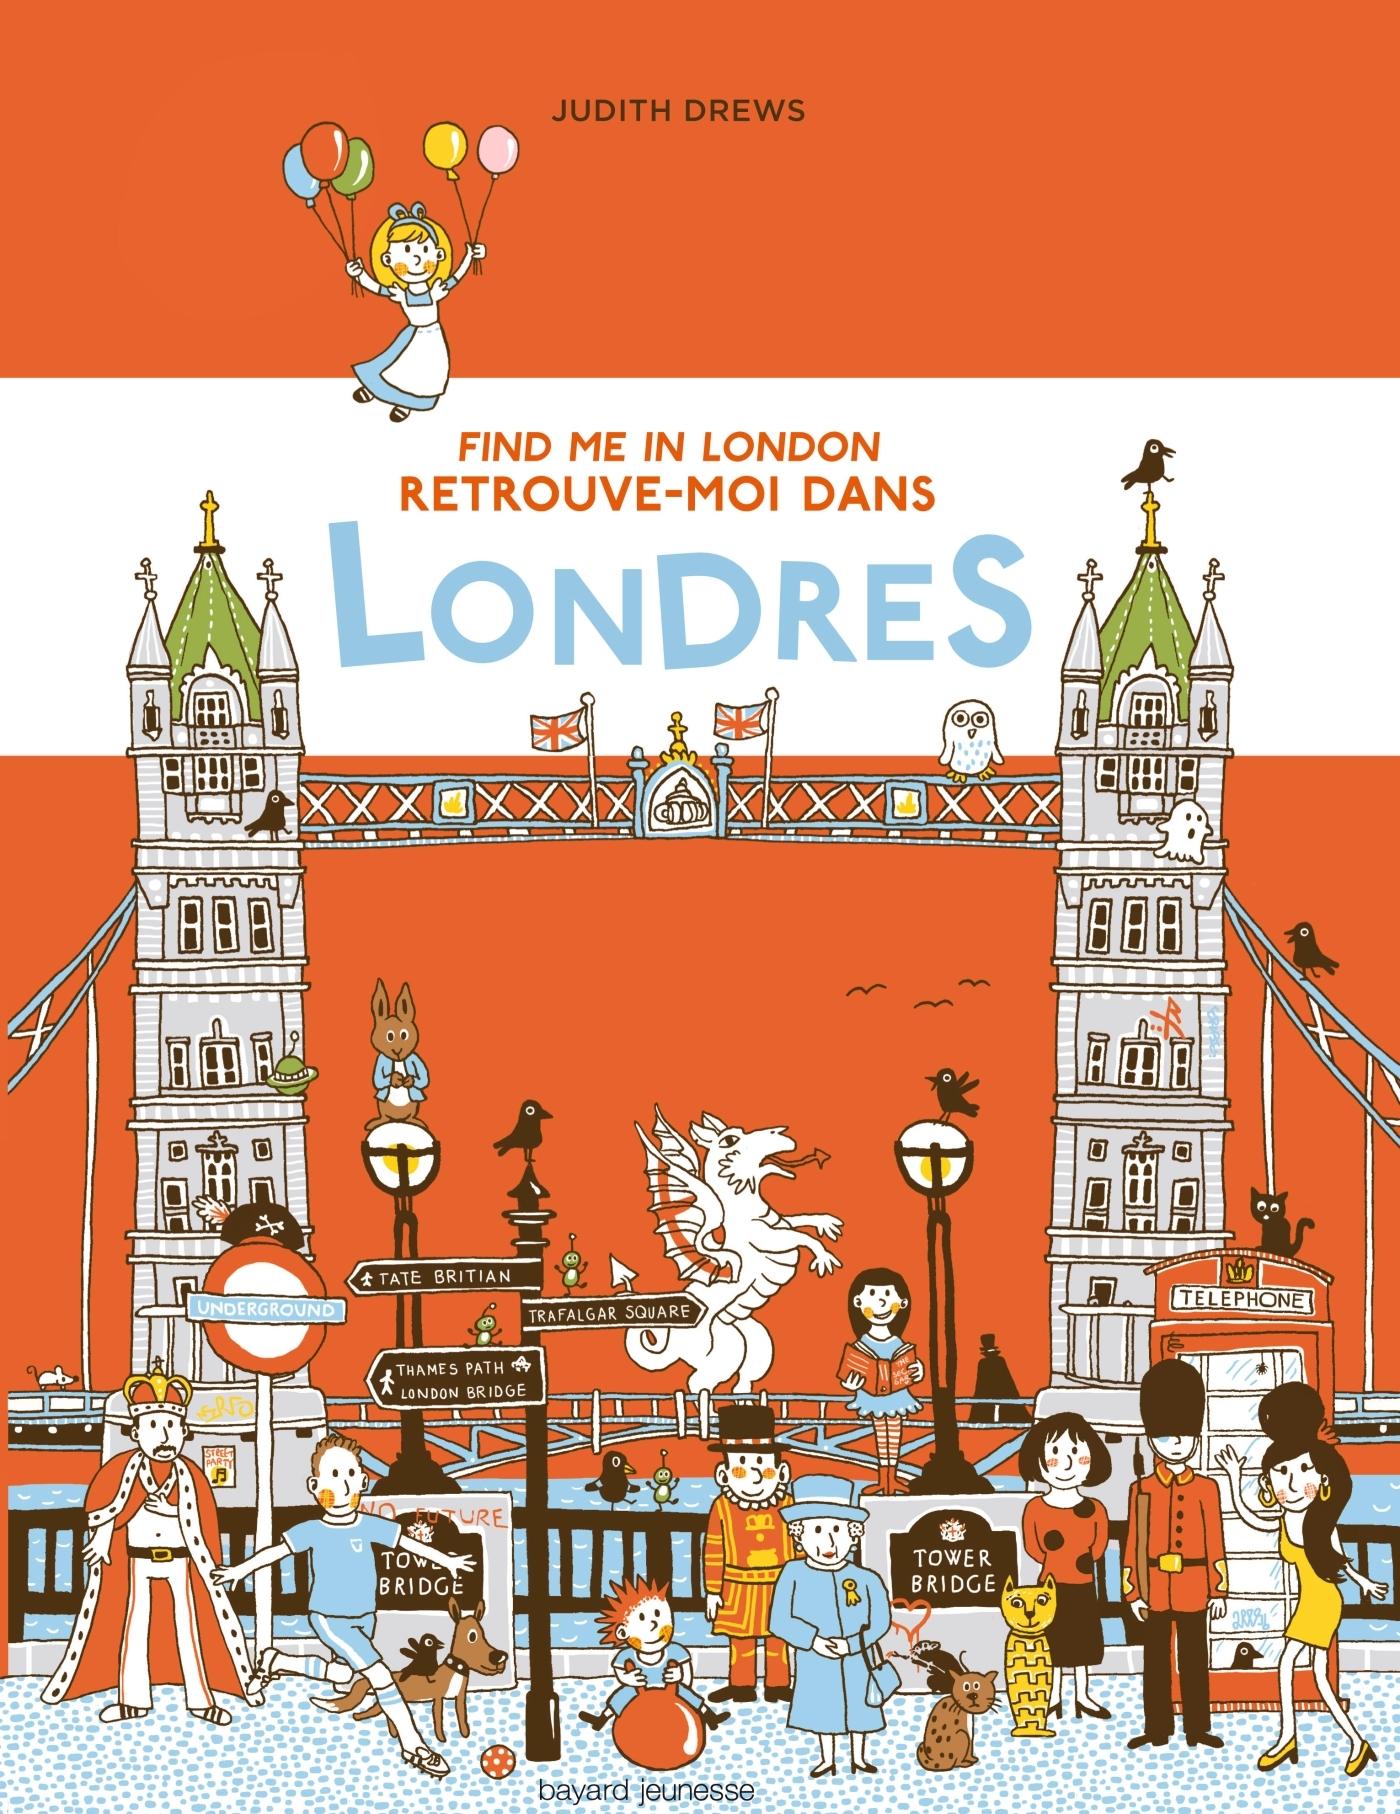 RETROUVE-MOI DANS LONDRES